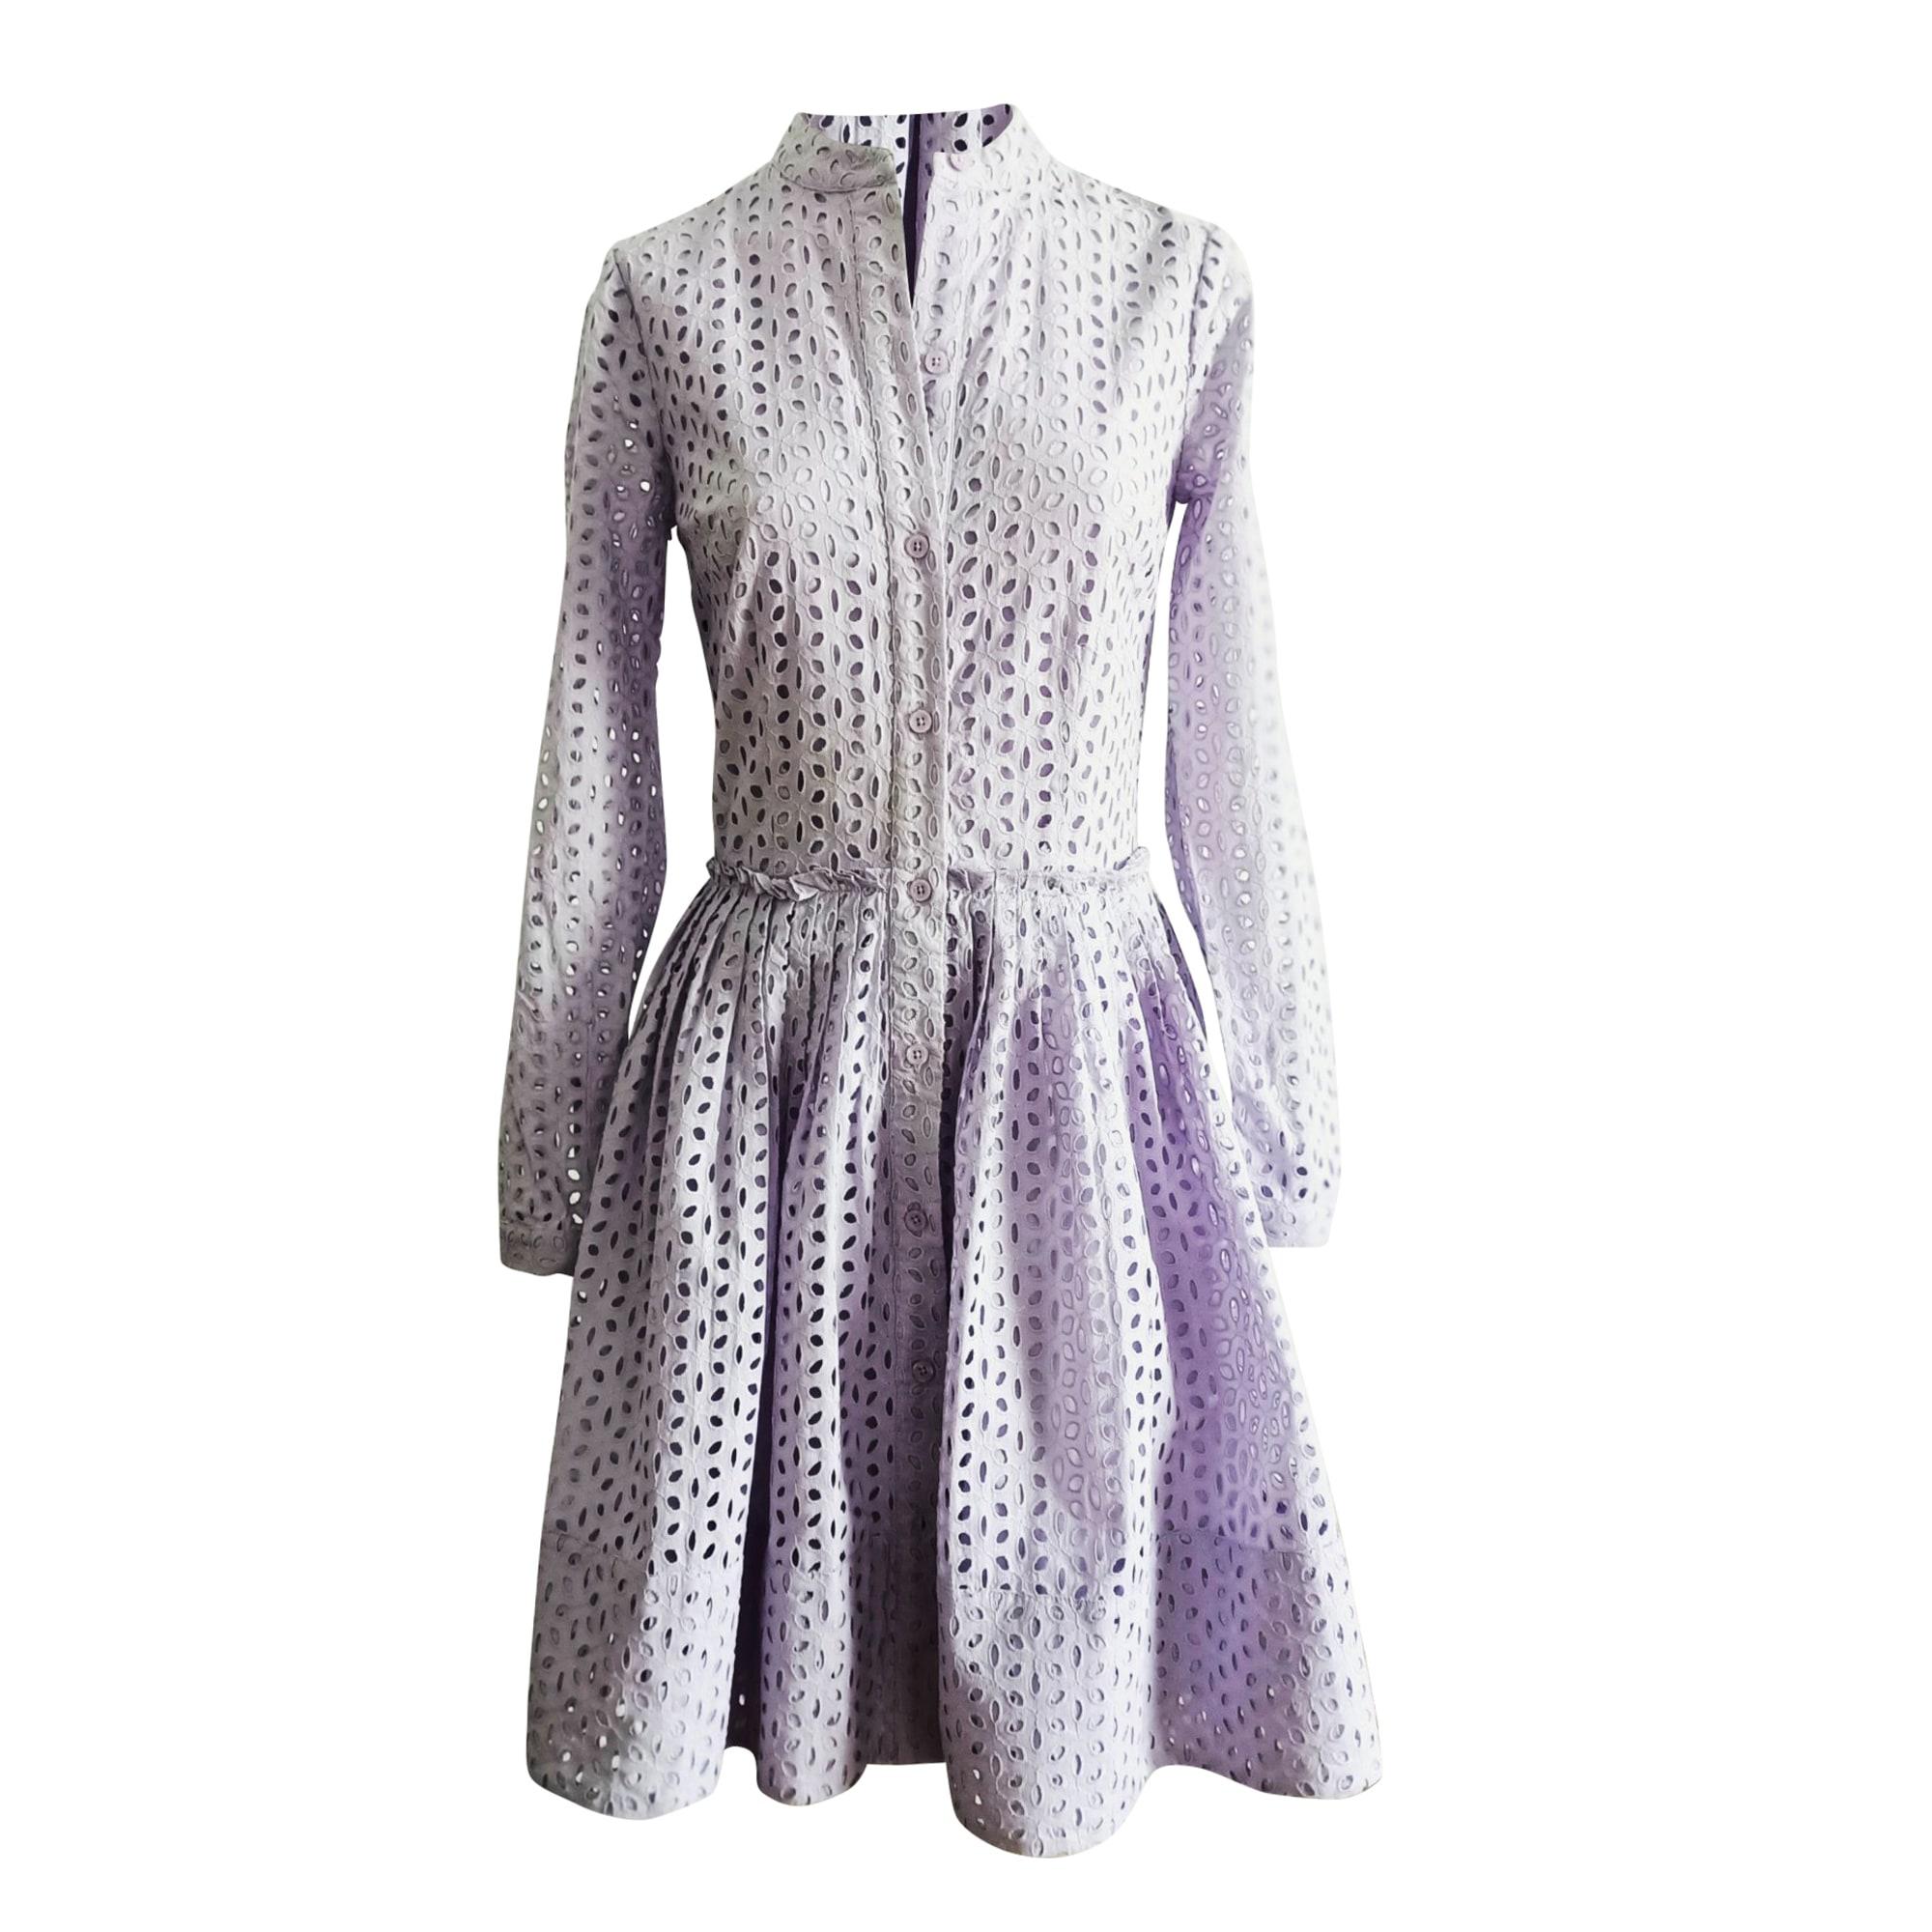 Robe mi-longue MICHAEL KORS Violet, mauve, lavande